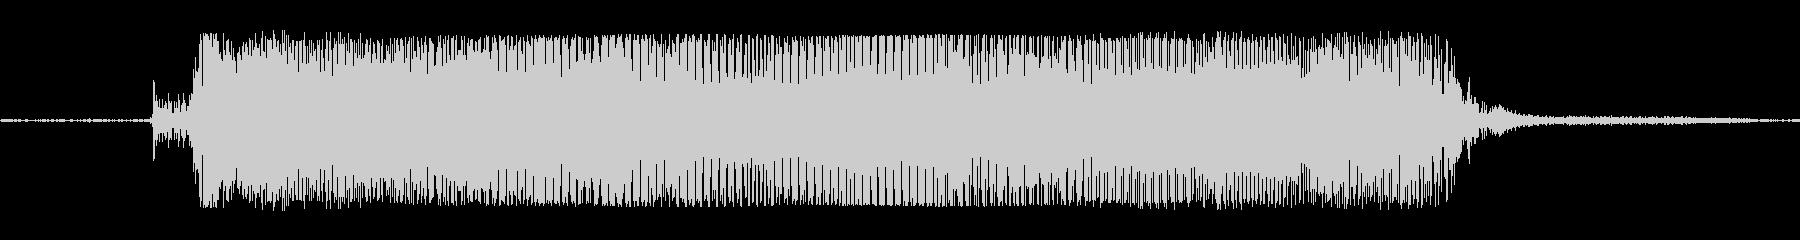 ギターメタルパワーコードnの未再生の波形